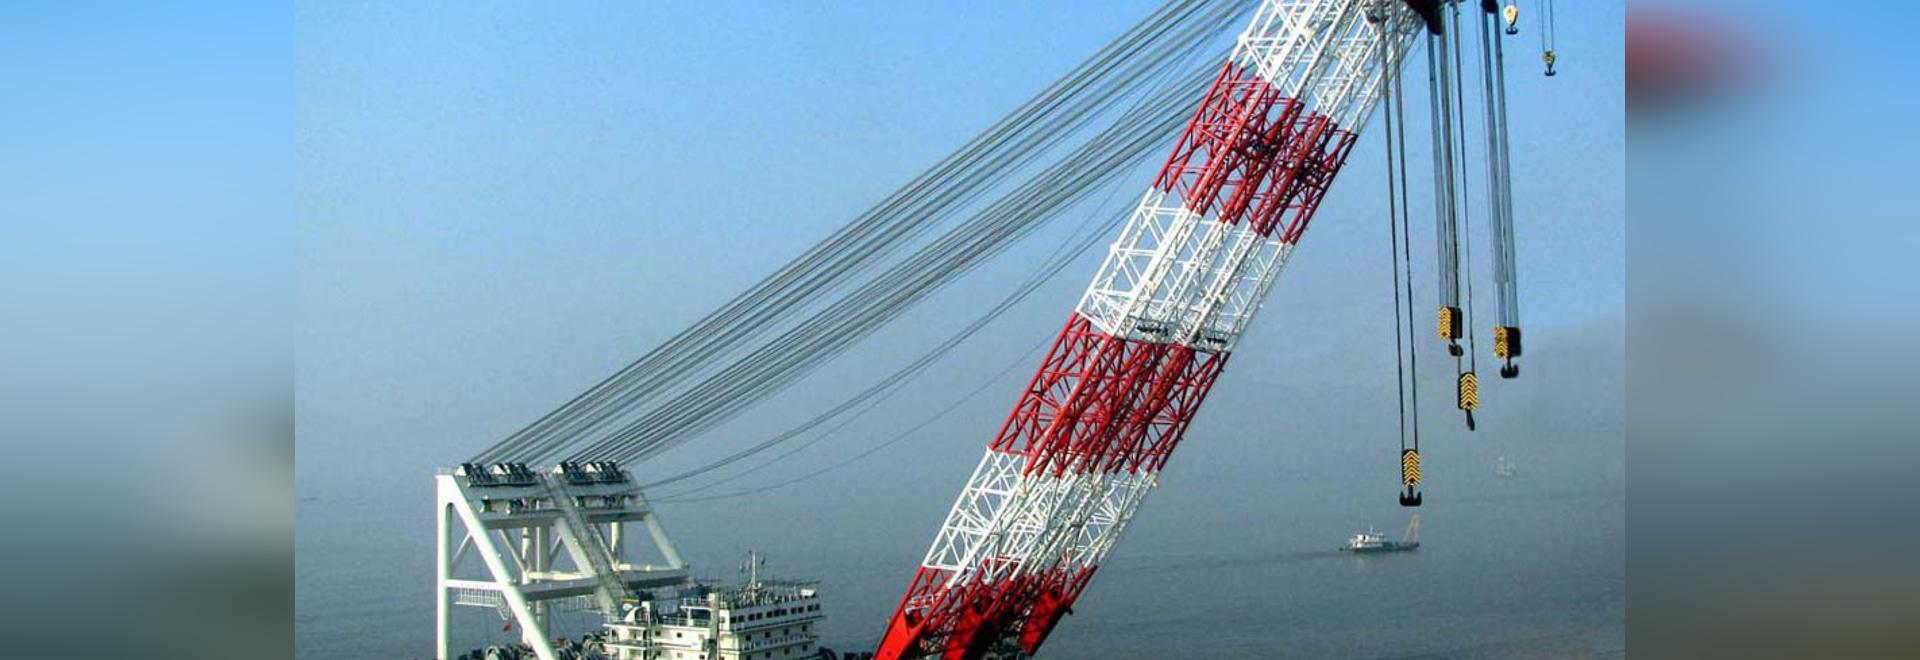 JINPAT Slip Ring for Crane